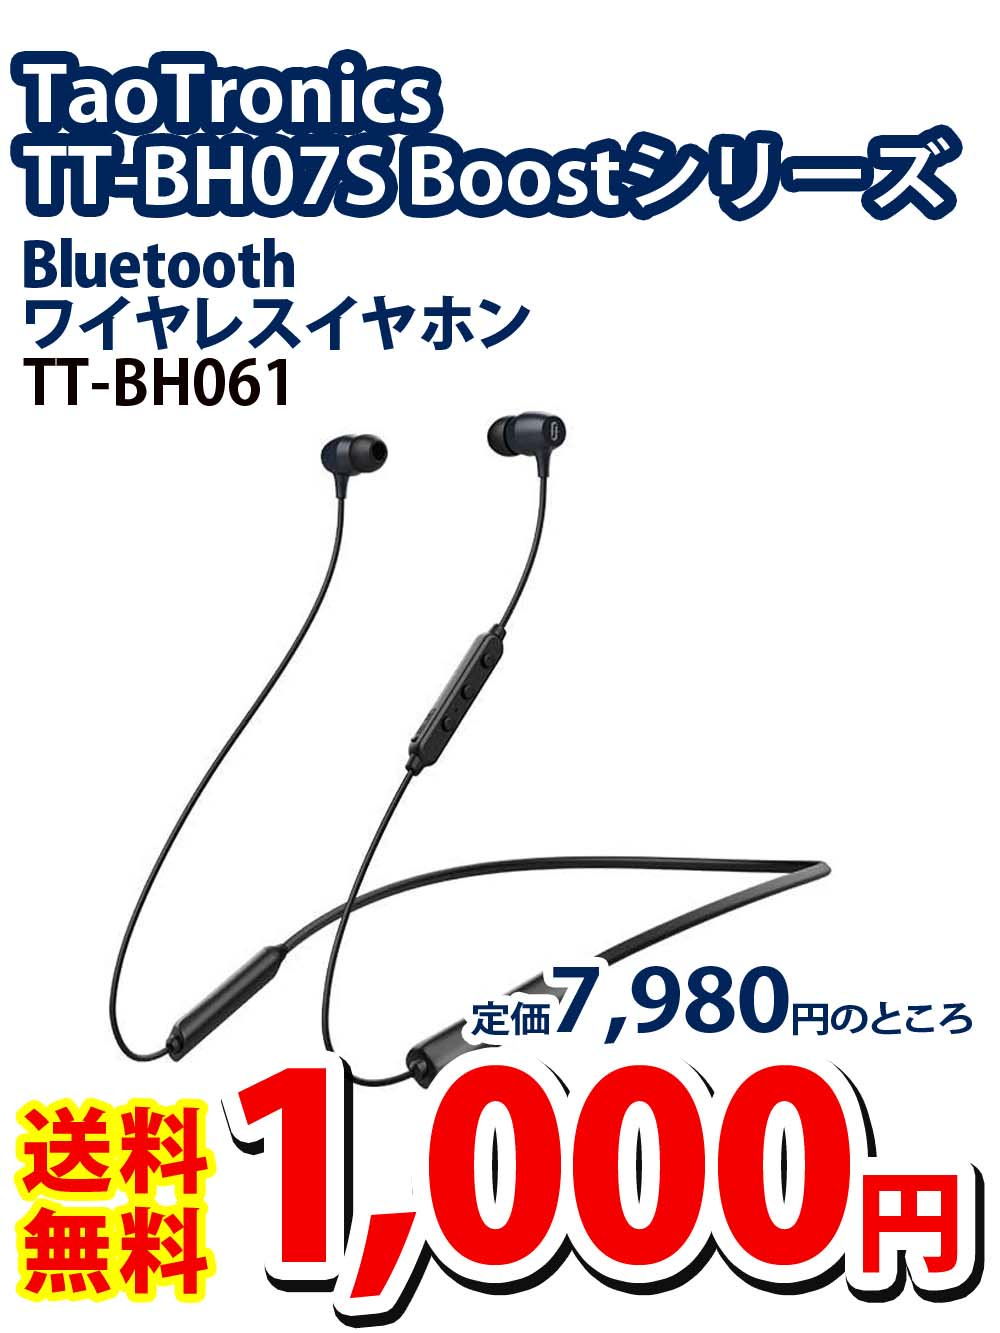 【送料無料】TT-BH061-BK(ブラック) TT-BH07S Plusシリーズ ワイヤレスイヤホン【1000円】定価9688円